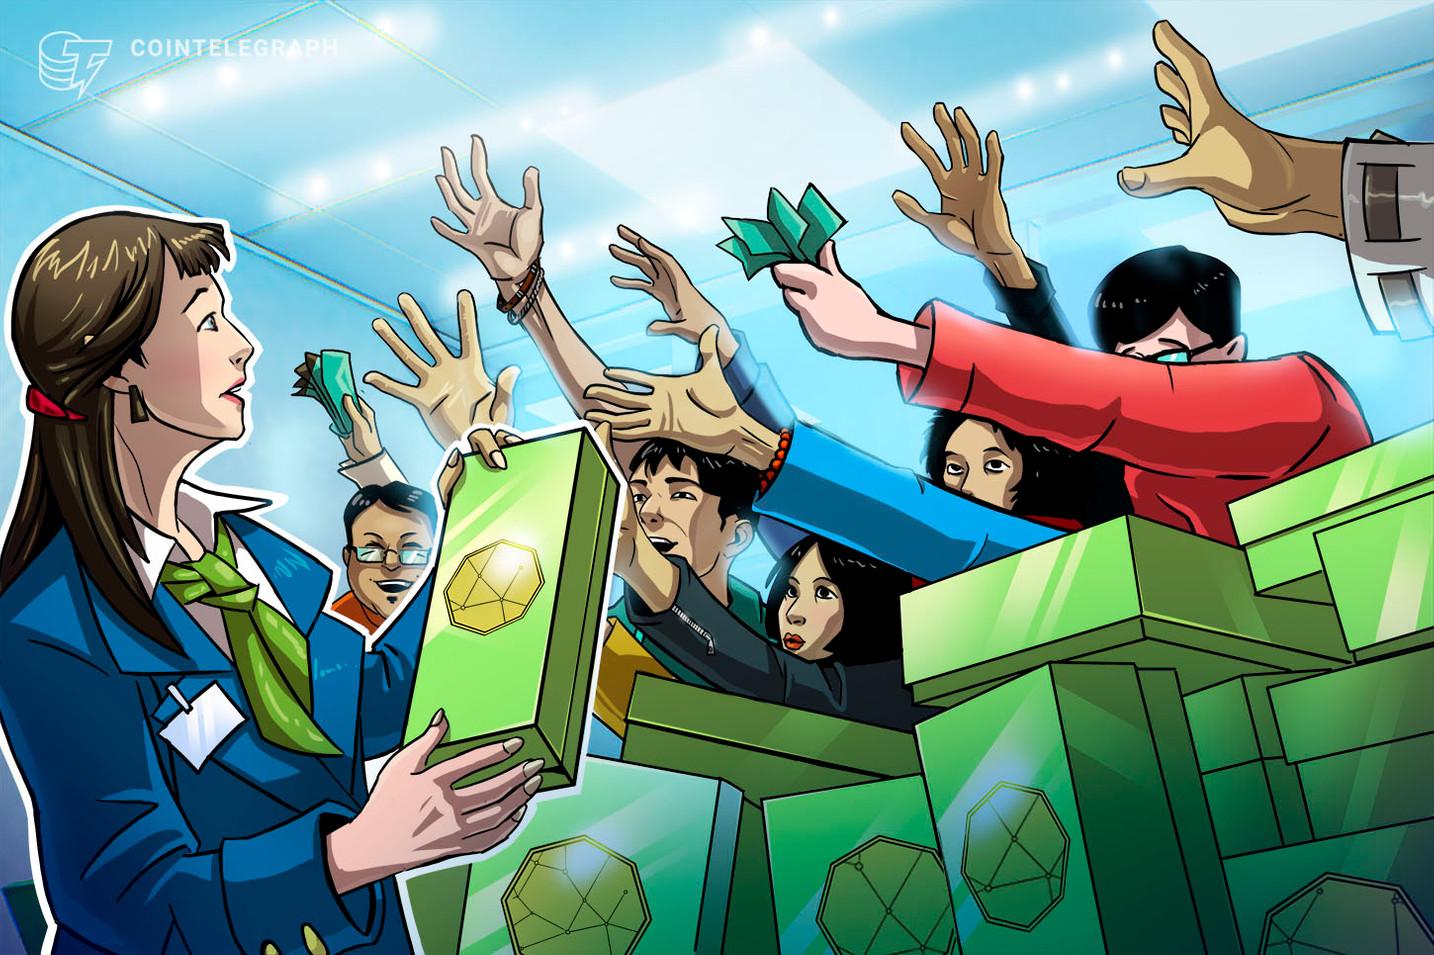 Venda de tokens EFI da Enjin arrecada R$ 100 milhões conforme as aspirações de NFT crescem